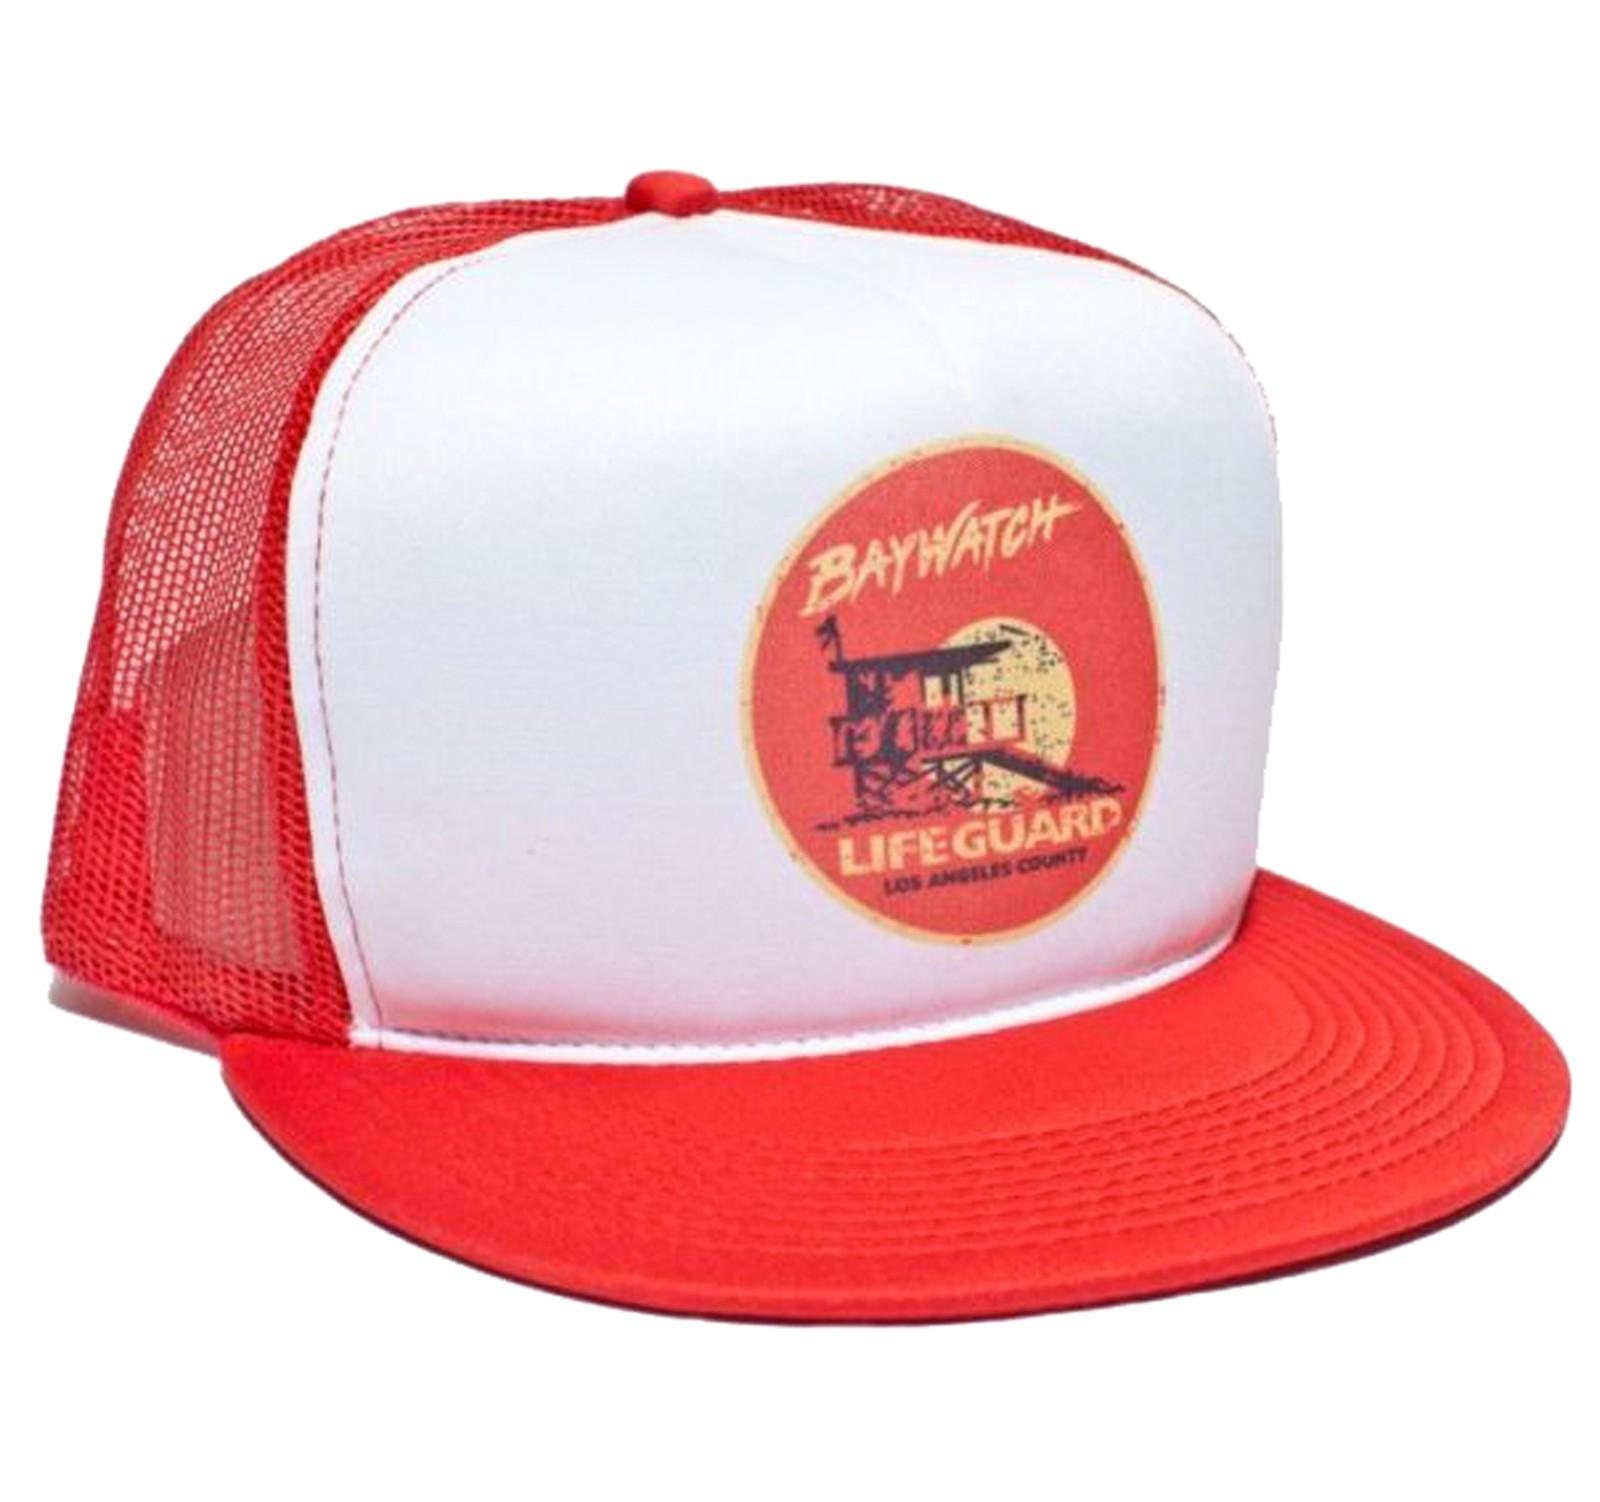 Retro Cap - Baywatch Movie Cap Front